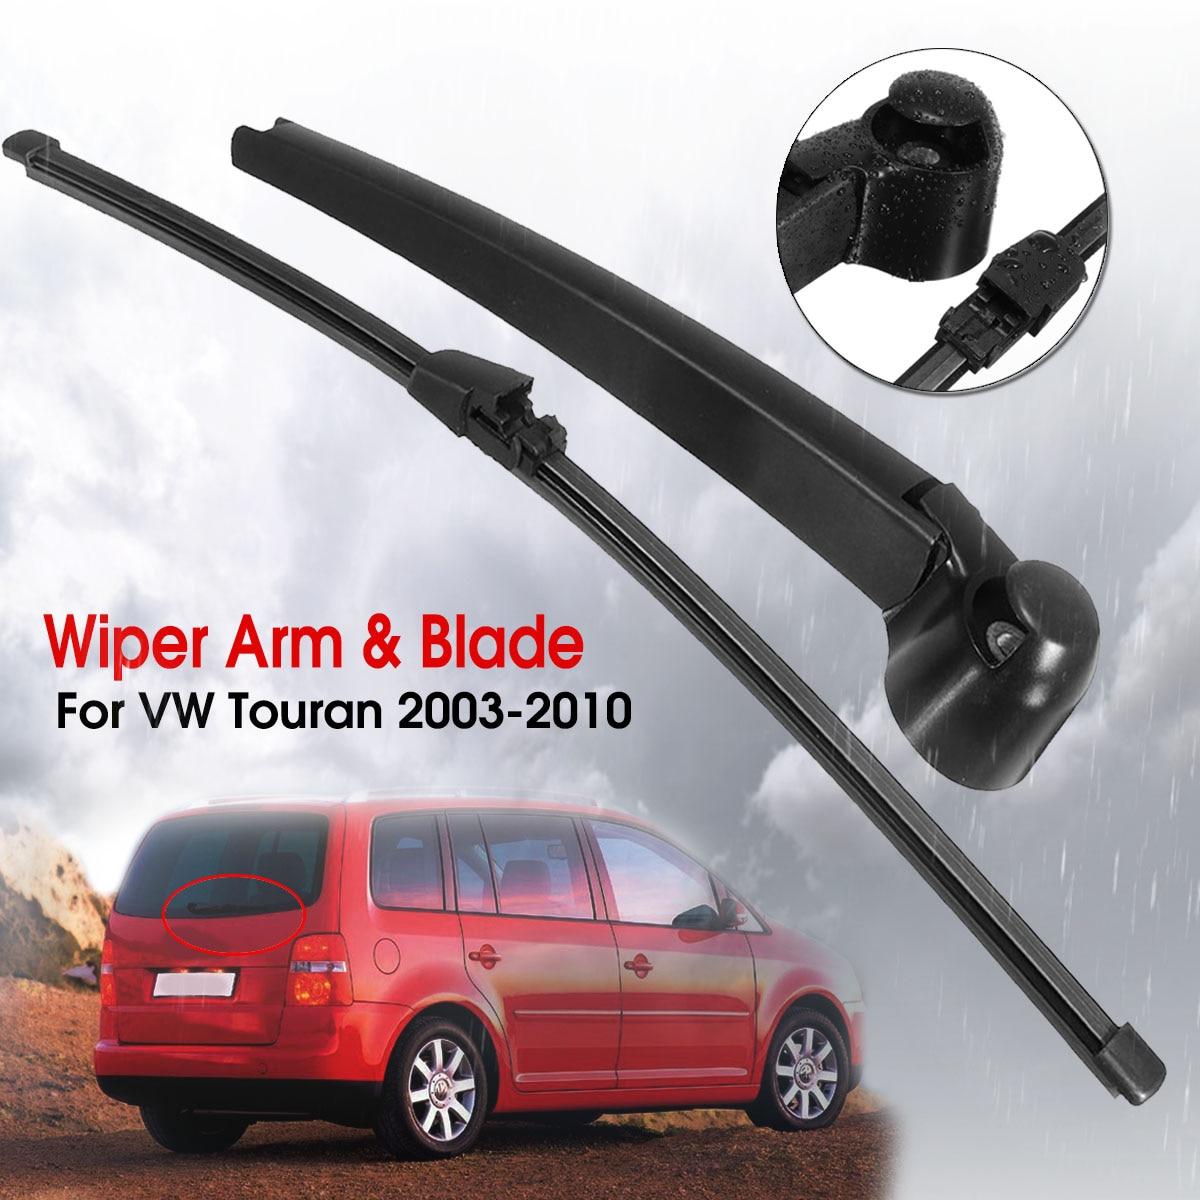 1 conjunto 16 carro janela traseira do pára-brisas limpador braço & lâmina conjunto para vw touran touran 1t1 1t2 2003 2004 2005 2006 2007 2008 2009 2010